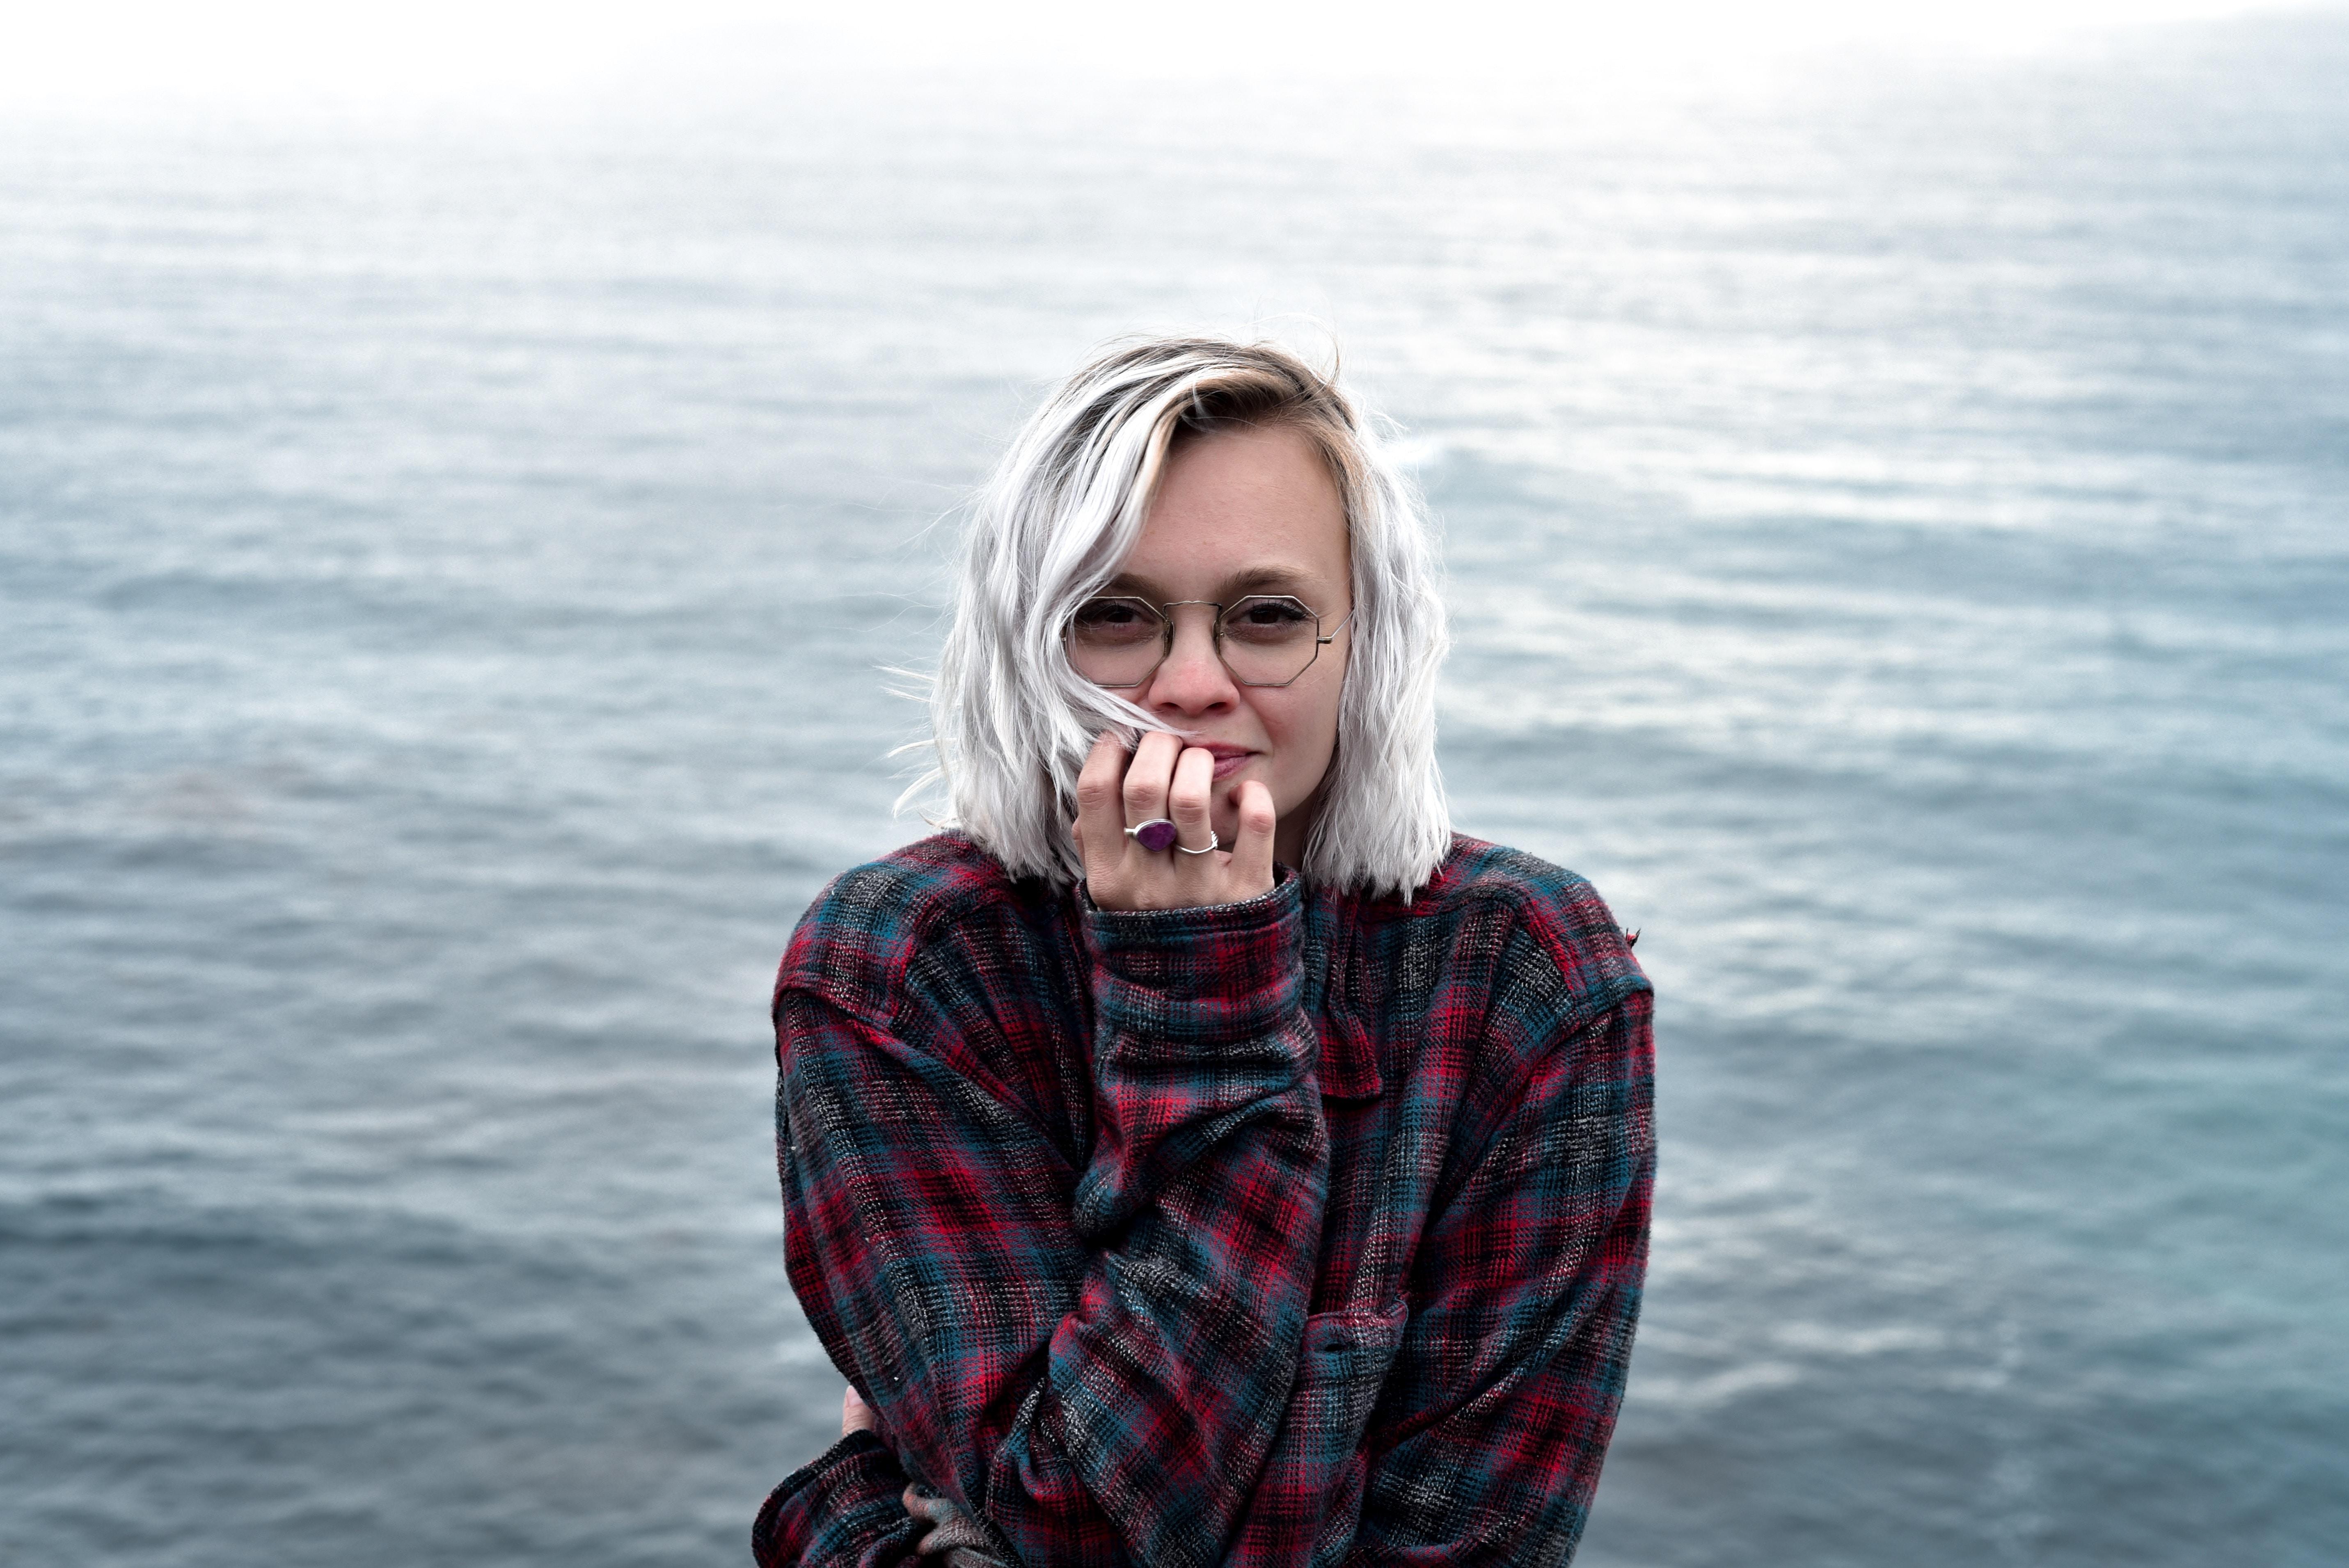 woman posing beside body of water